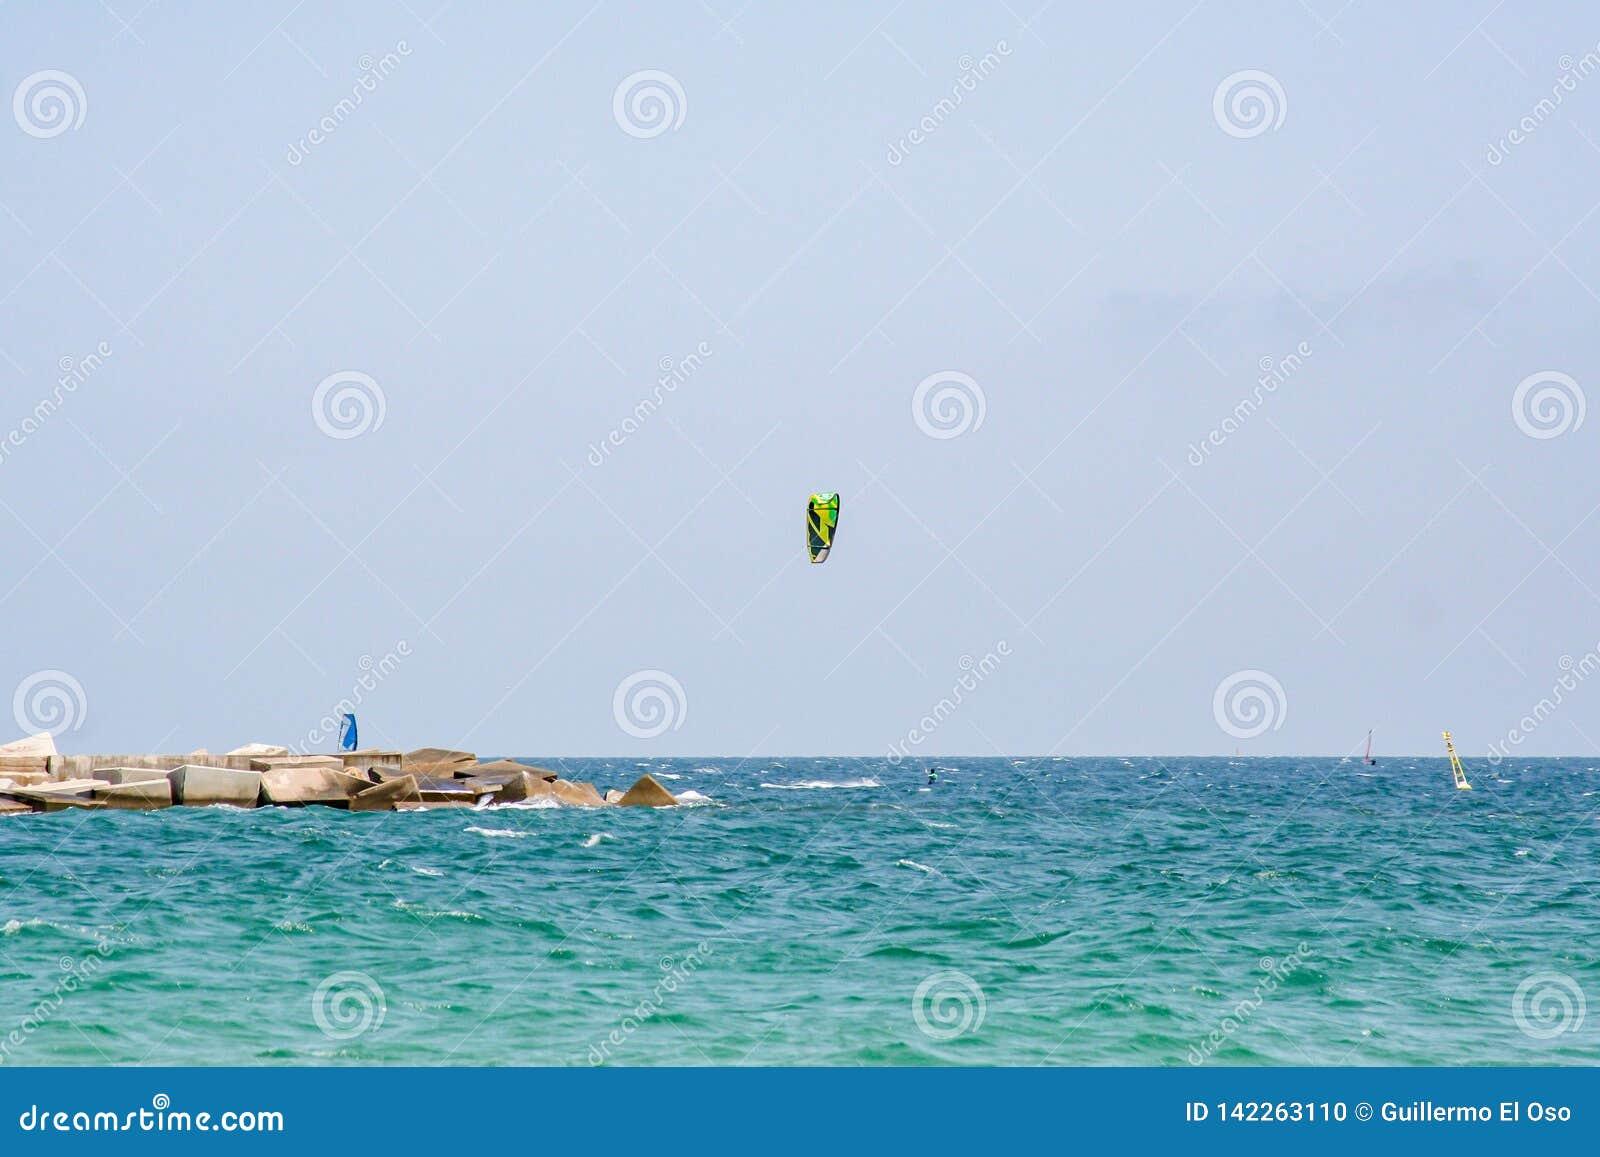 Θεαματική άποψη πέρα από τη θάλασσα με τον ικτίνο surfer